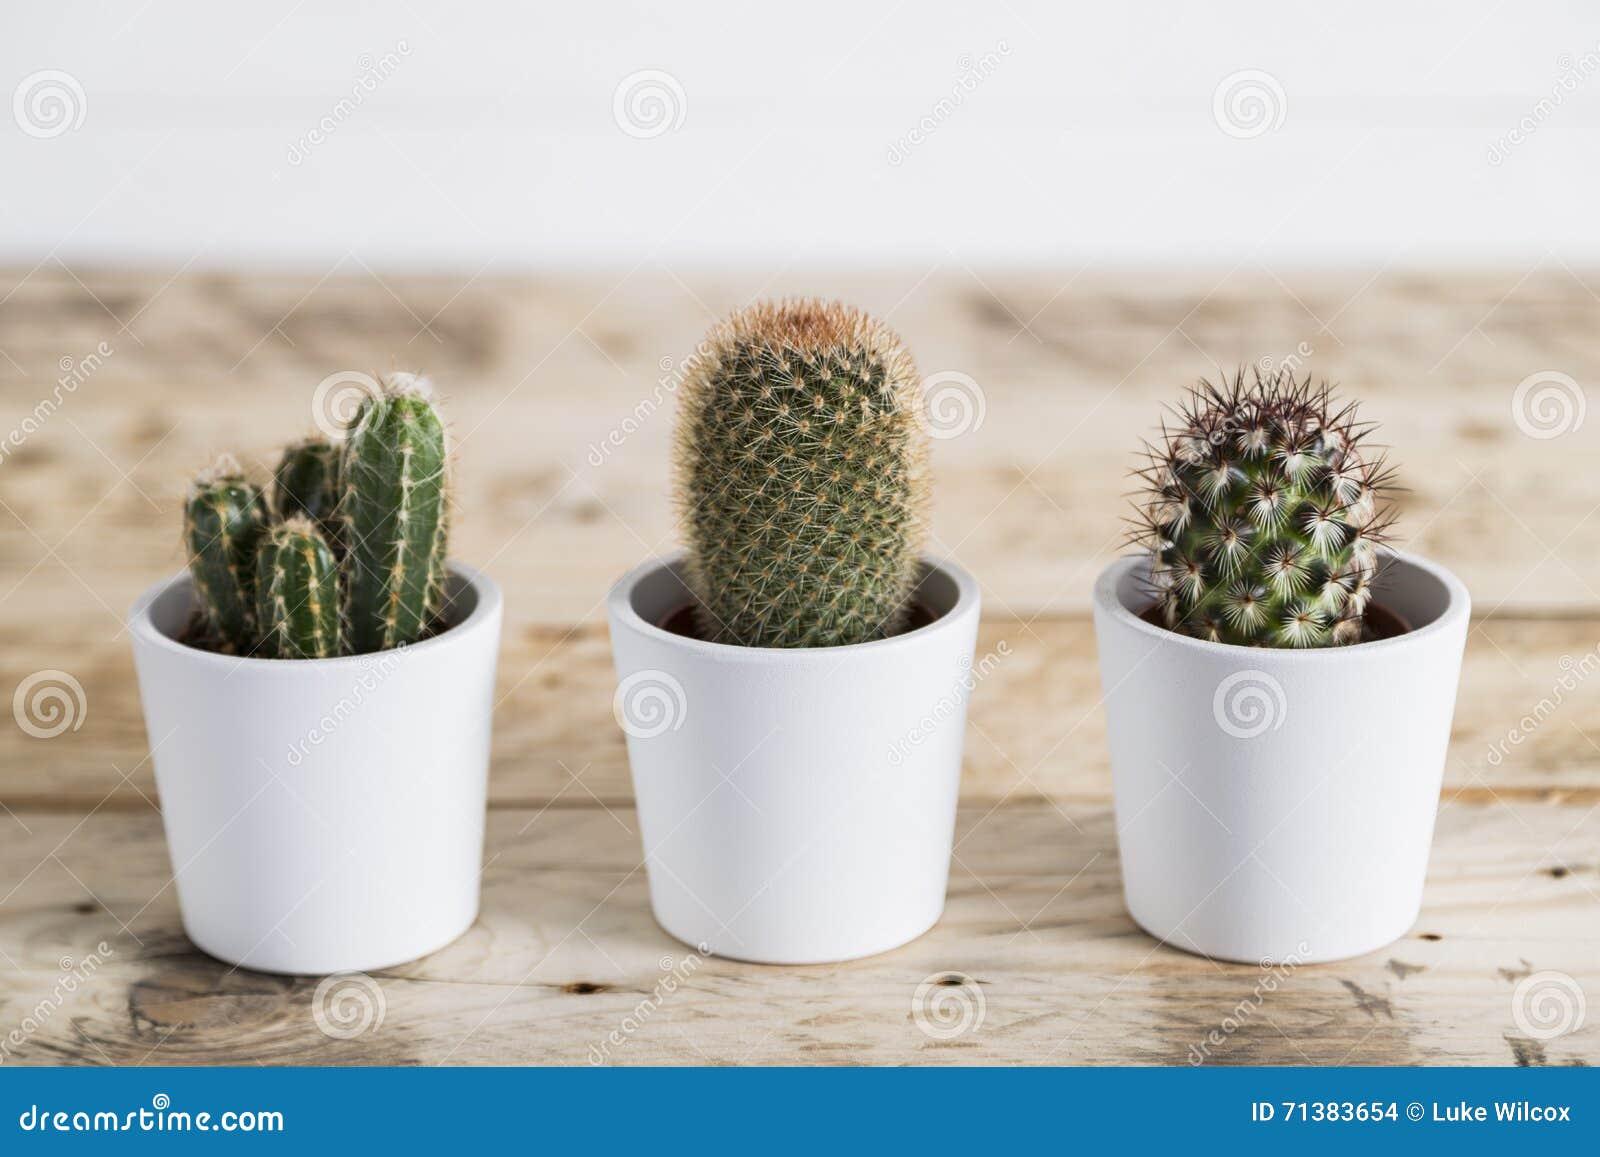 Cactus Trio Stock Photo Image 71383654